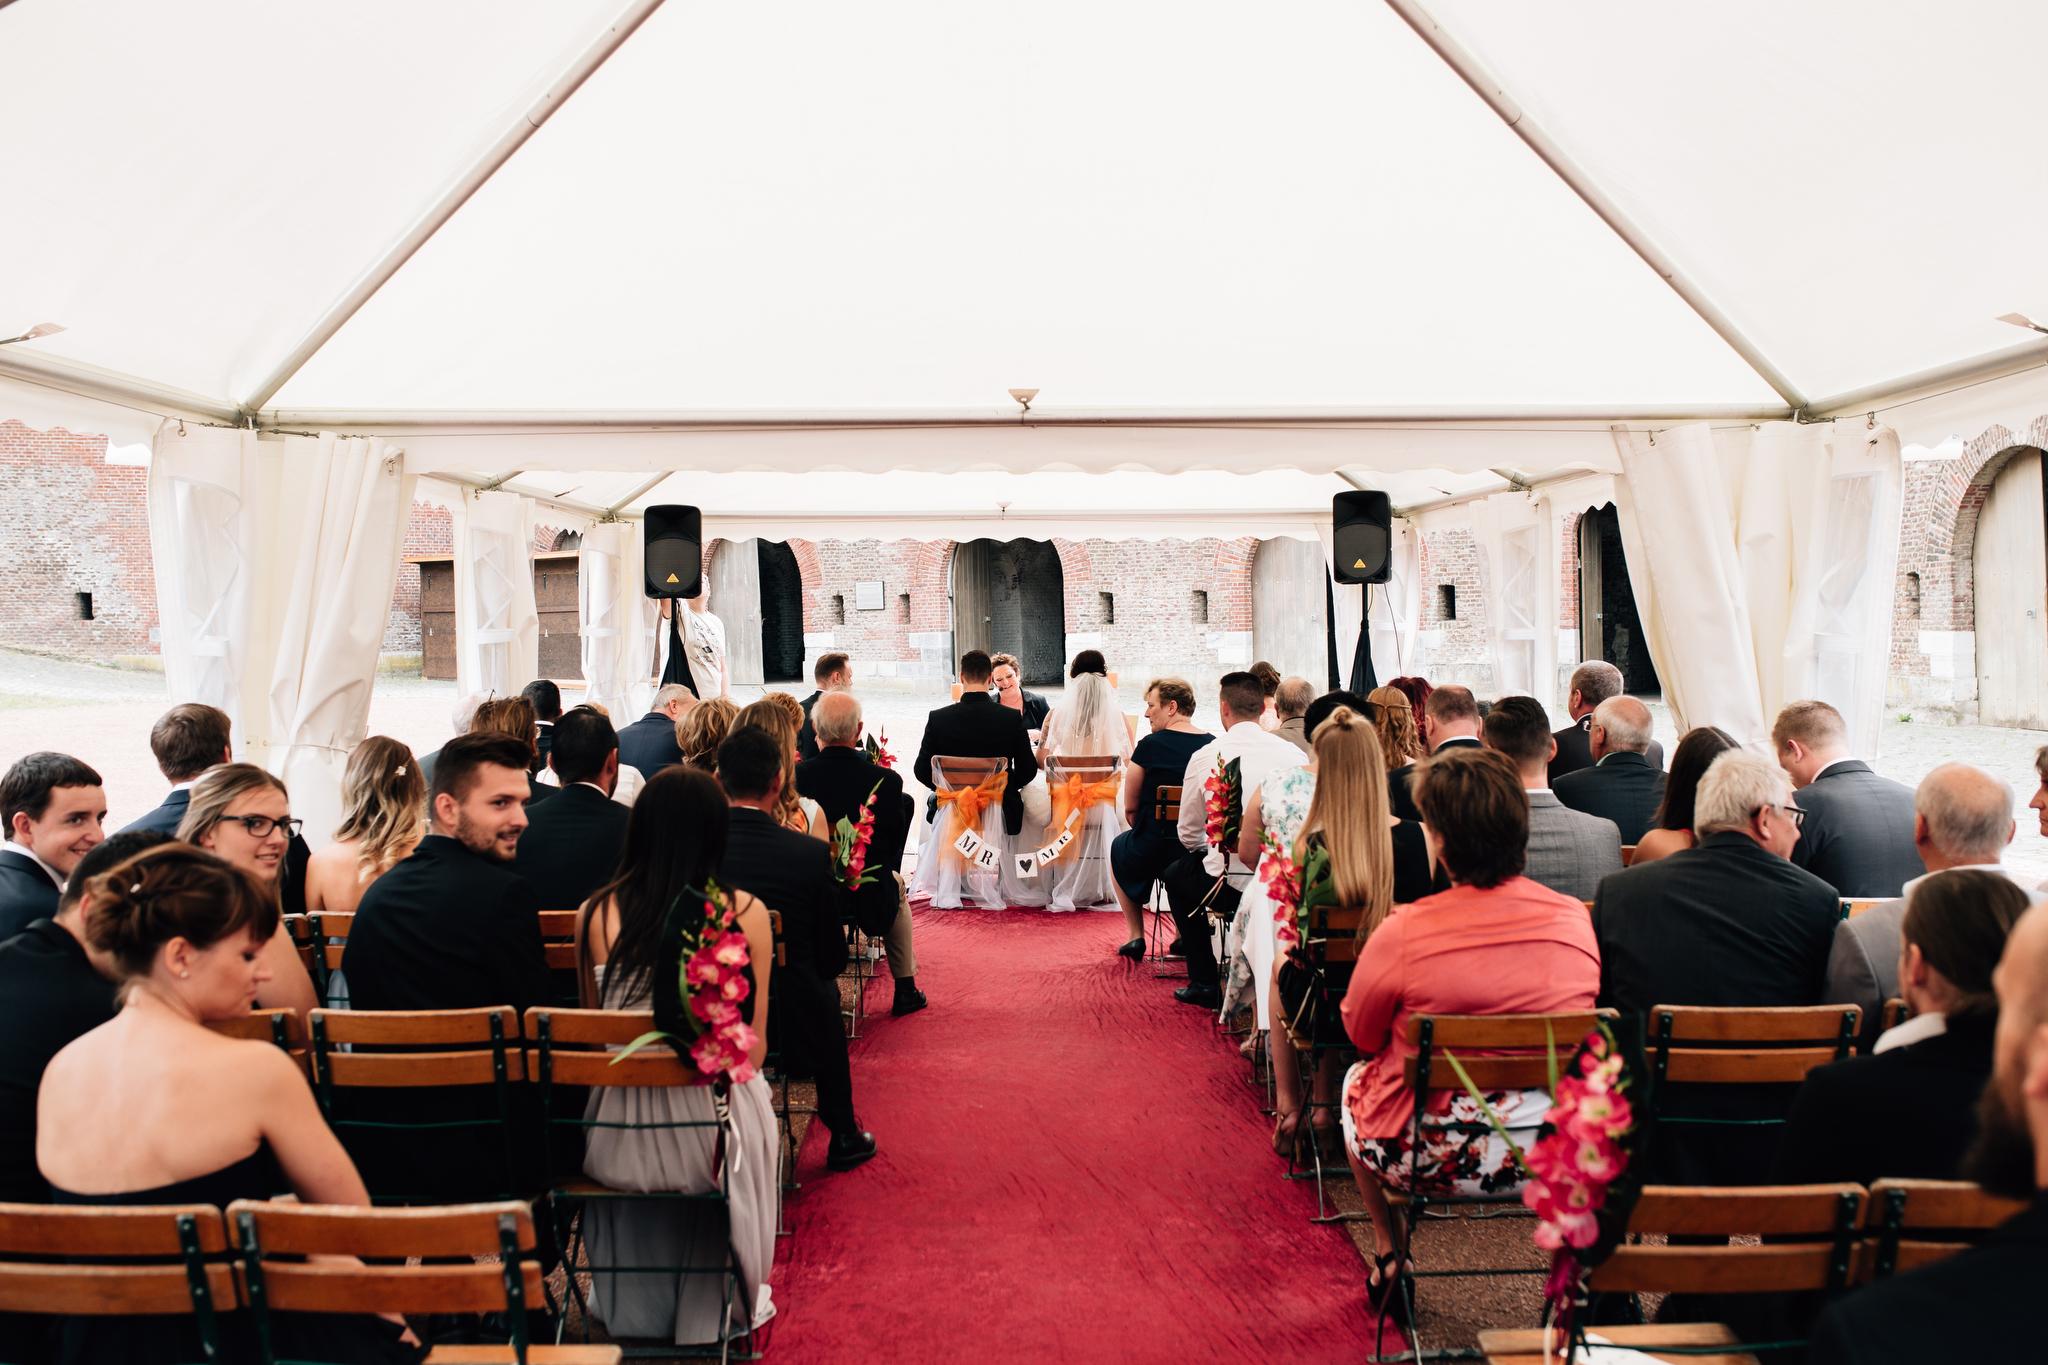 Claudia Krawinkel Fotografie Hochzeitsfotografie Hochzeit Blumenhalle im Brückenkopfpark Jülich Essen Düsseldorf Bochum Dortmund Mönchengladbach NRW Ruhrgebiet 55